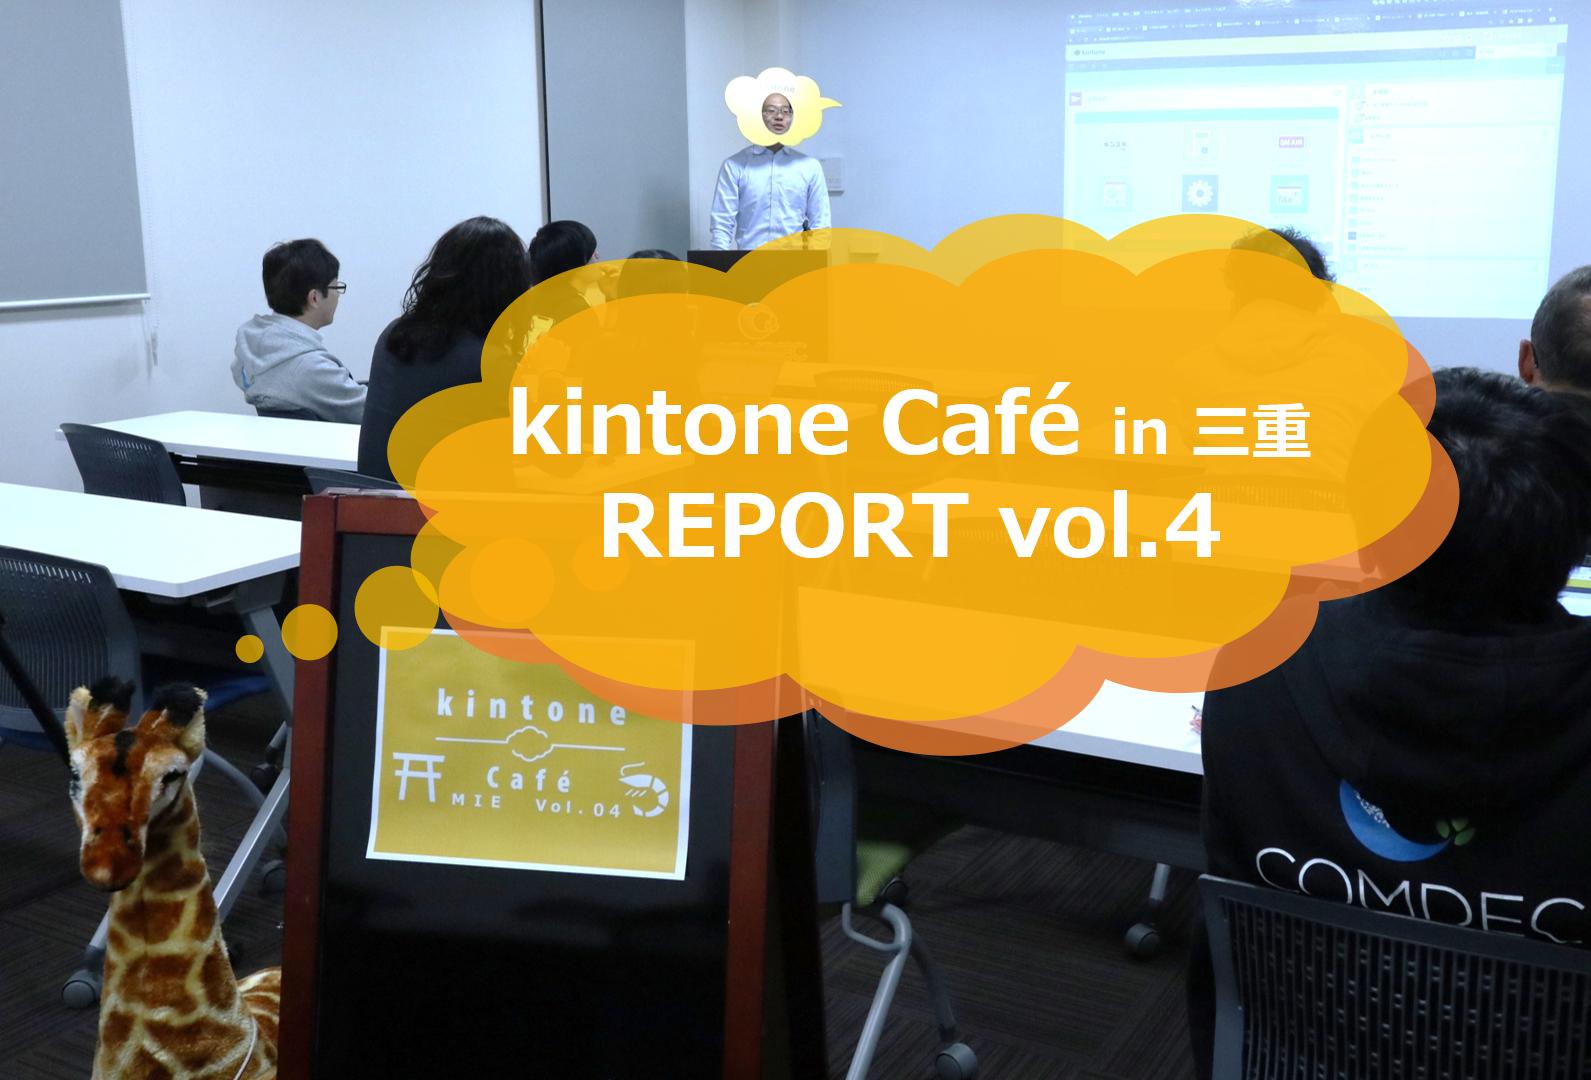 kintone Café(キントーンカフェ)三重Vol.4に参加してきました